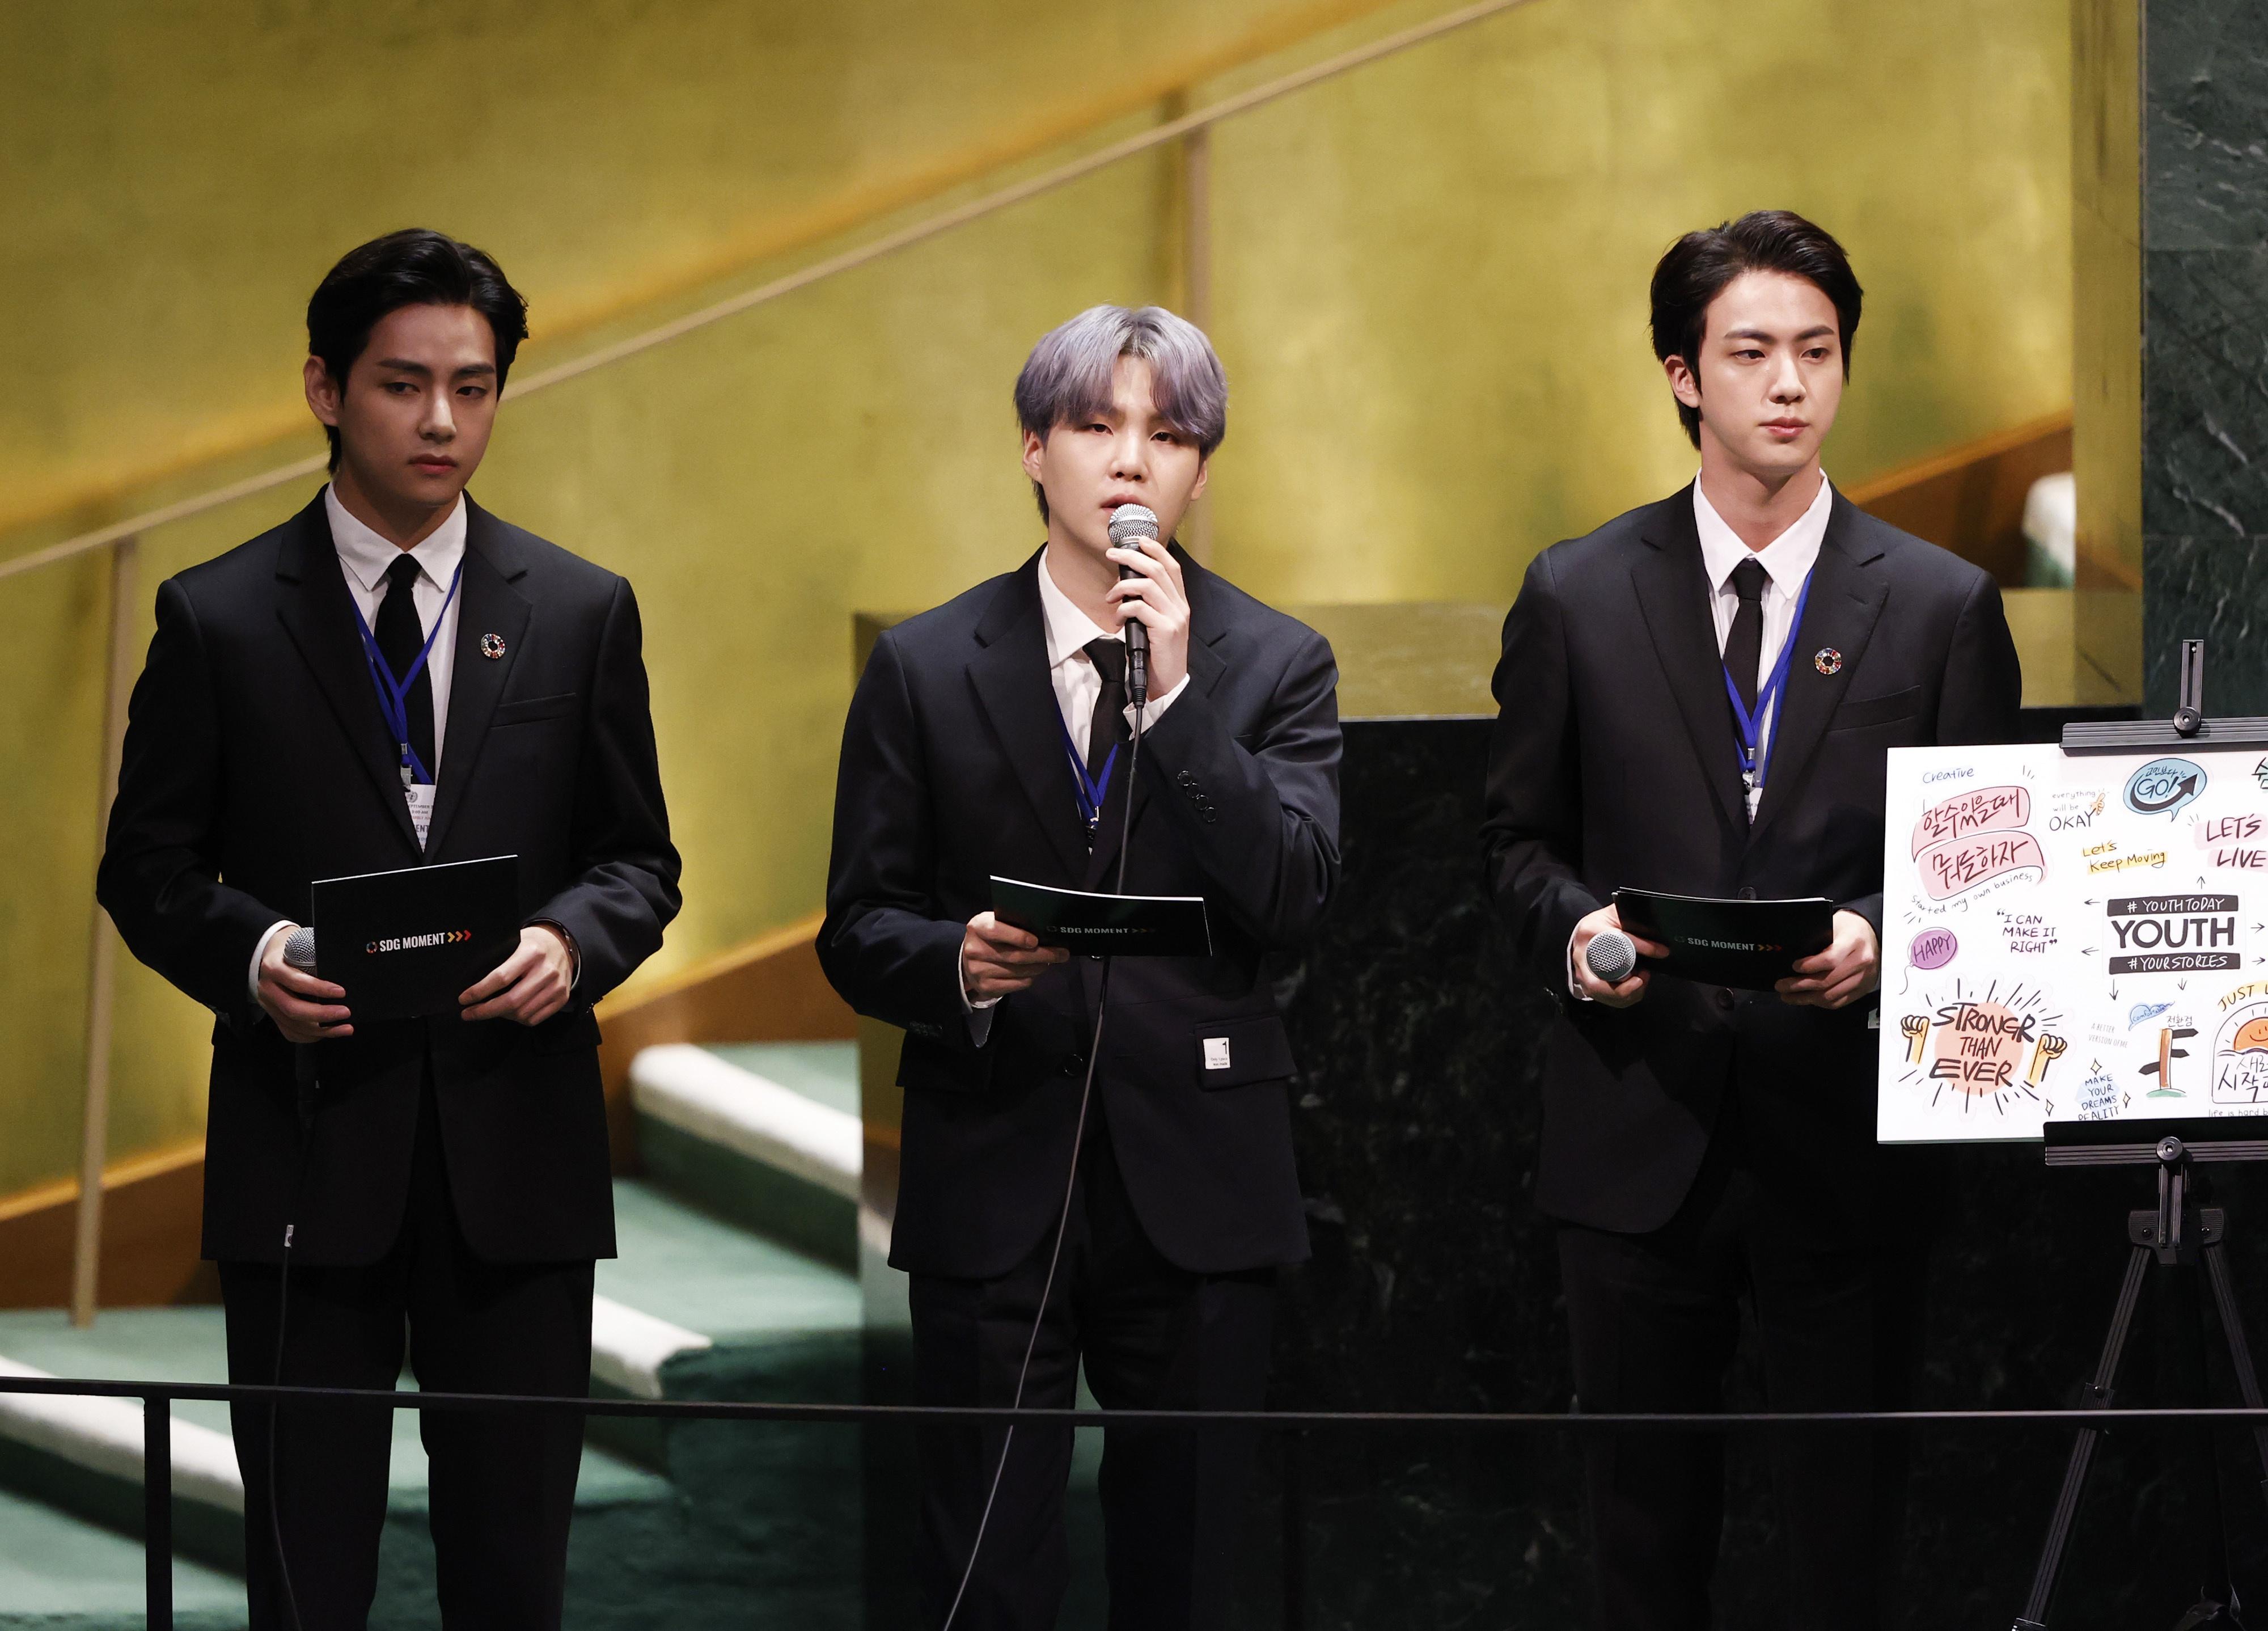 Phong cách của BTS trở thành biểu tượng Kpop